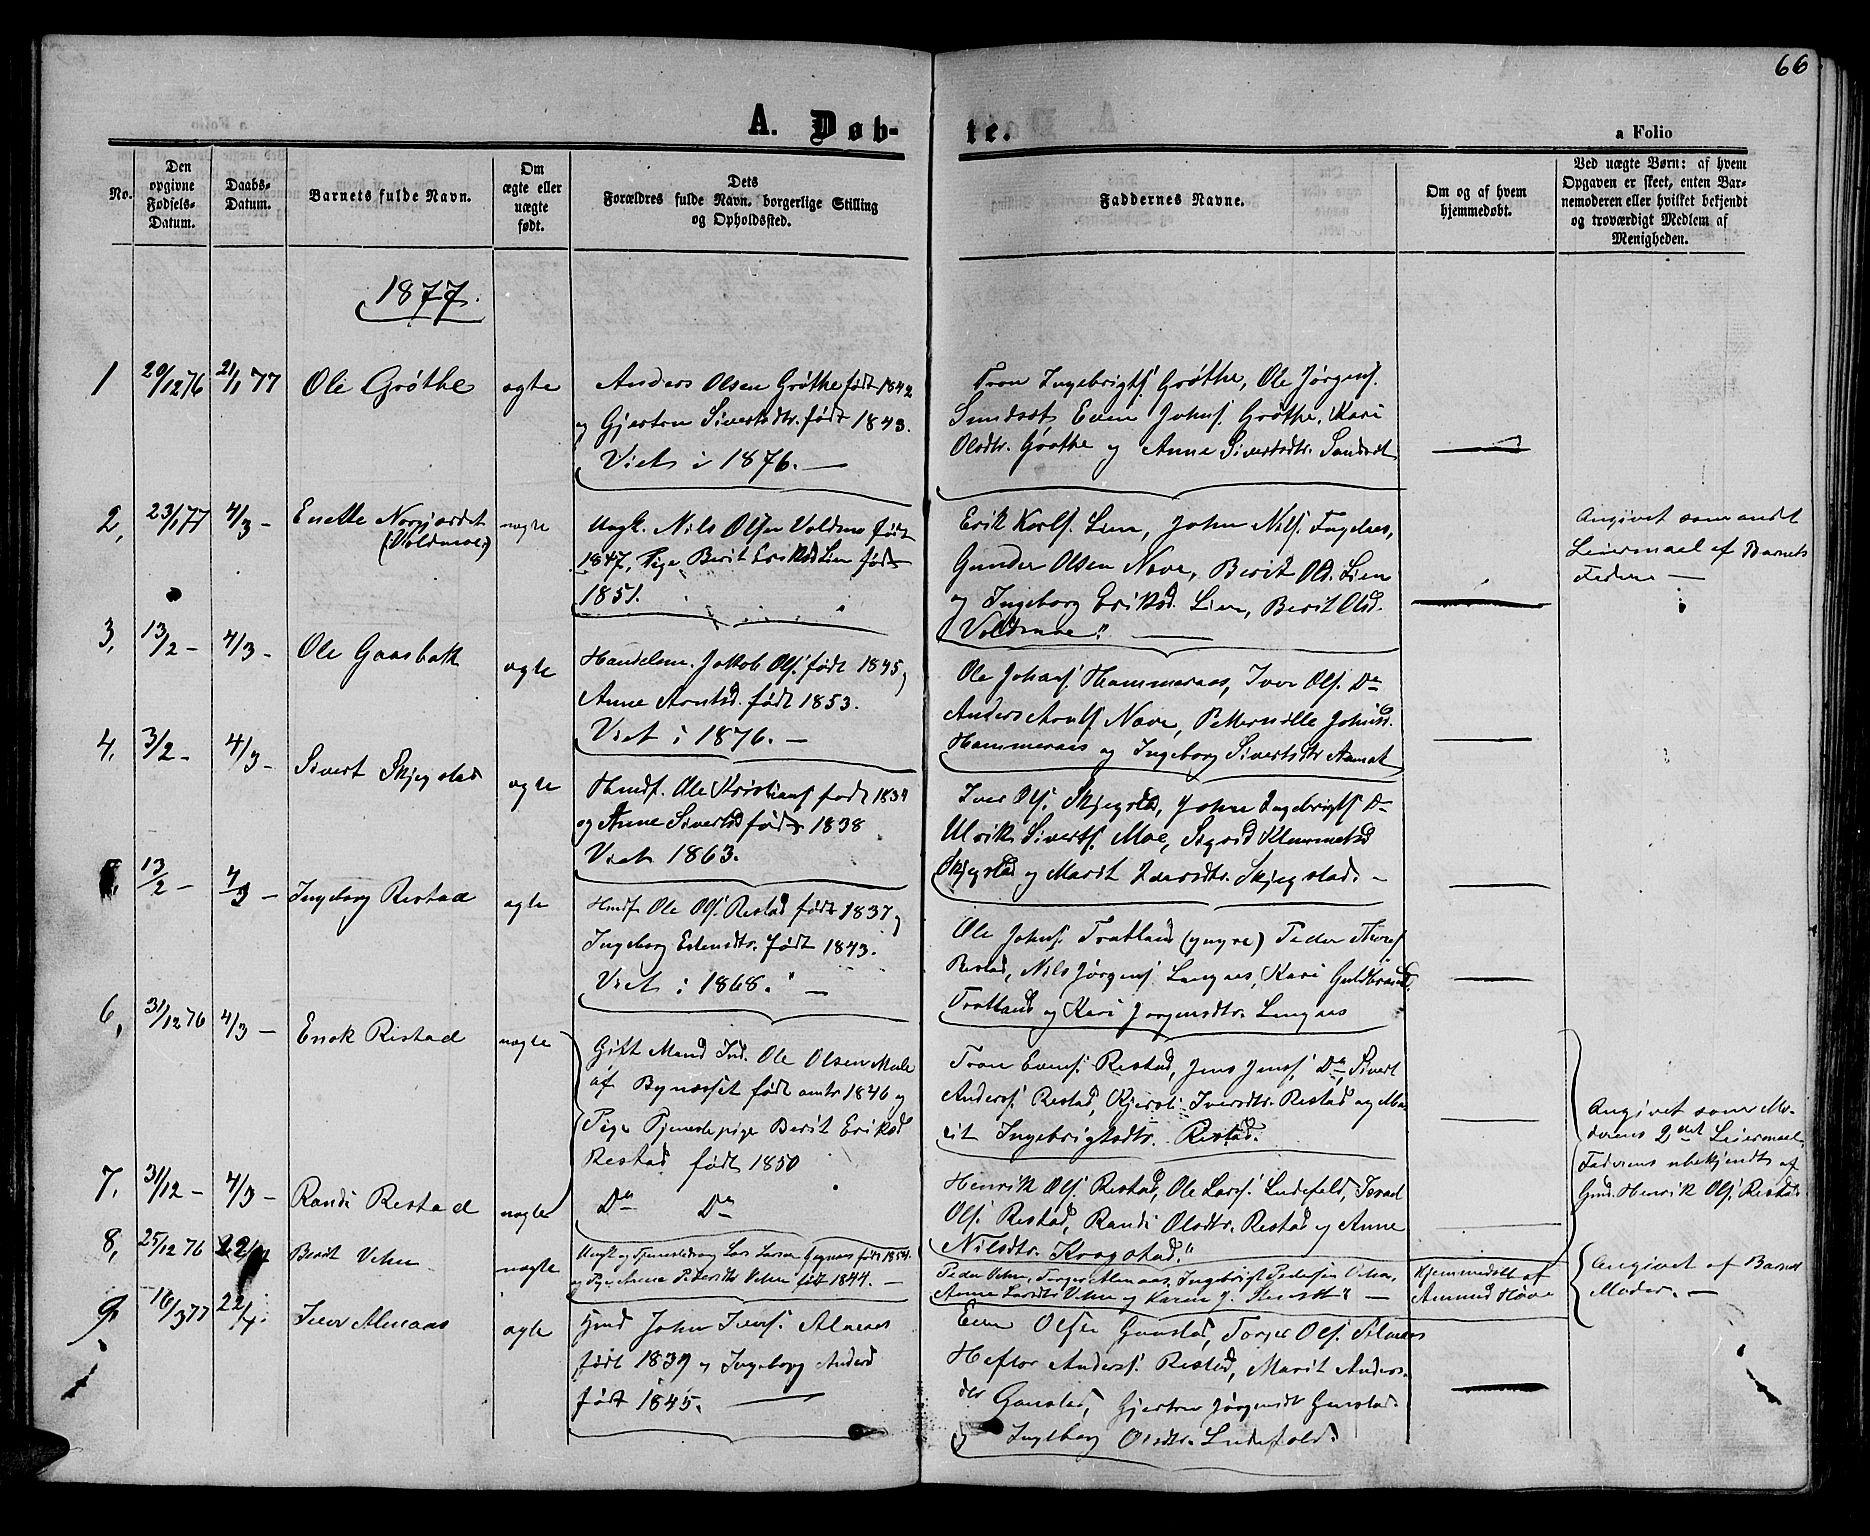 SAT, Ministerialprotokoller, klokkerbøker og fødselsregistre - Sør-Trøndelag, 694/L1131: Klokkerbok nr. 694C03, 1858-1886, s. 66